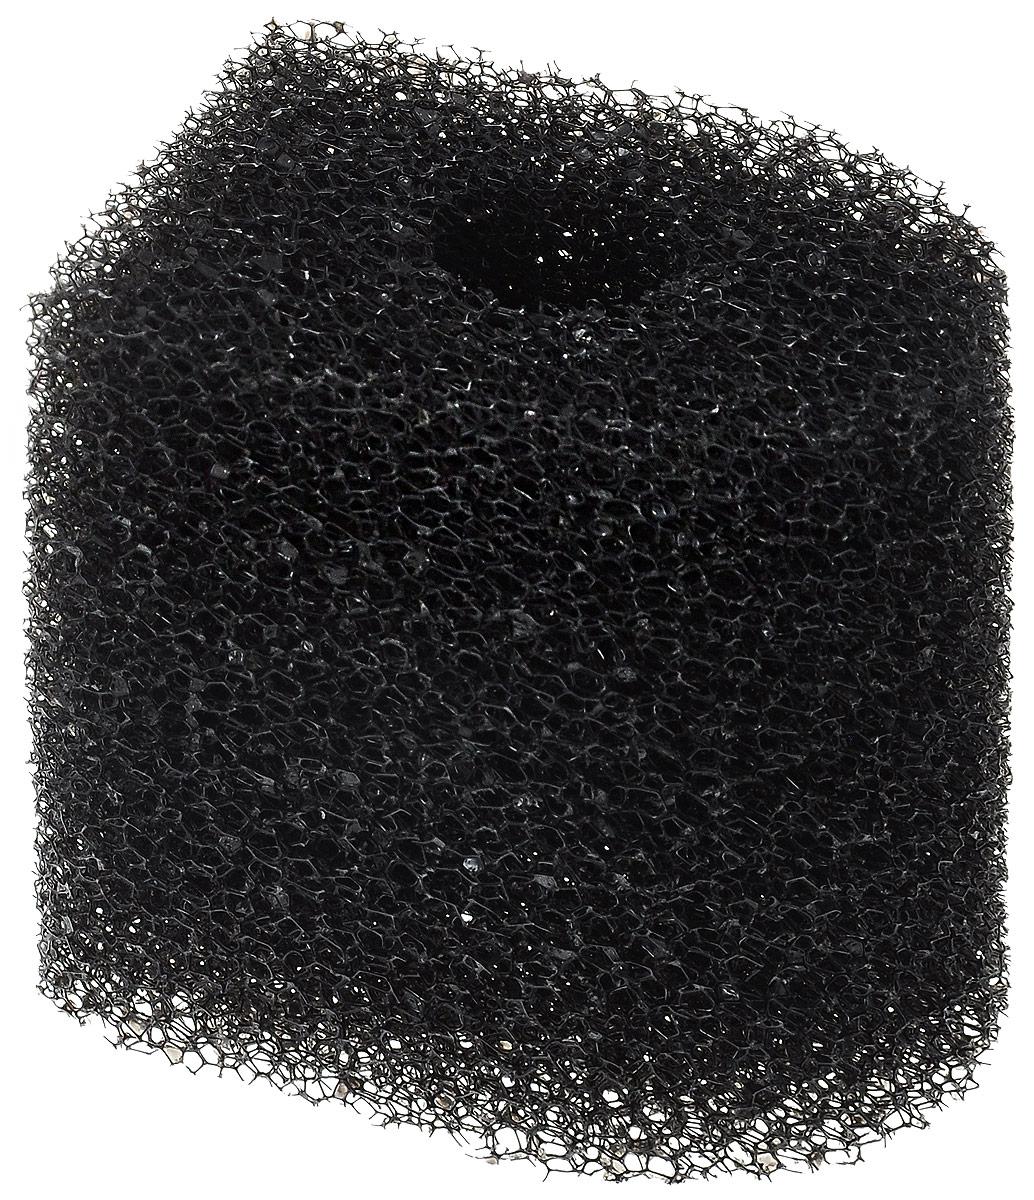 Губка Barbus для фильтра WP-5002 F, сменная, 7 х 6 х 7,5 смPUMP 006Сменная губка Barbus предназначена для фильтра WP-5002 F и состоит из высокопористого материала для эффективной очистки воды в аквариуме. Губка для фильтра является основным сменным элементом, влияющем на обеспечение нормальных условий для жизни рыб.Губка отлично подходит для размножения полезных бактерий, поэтому осуществляет как механическую, так и биологическую очистку.